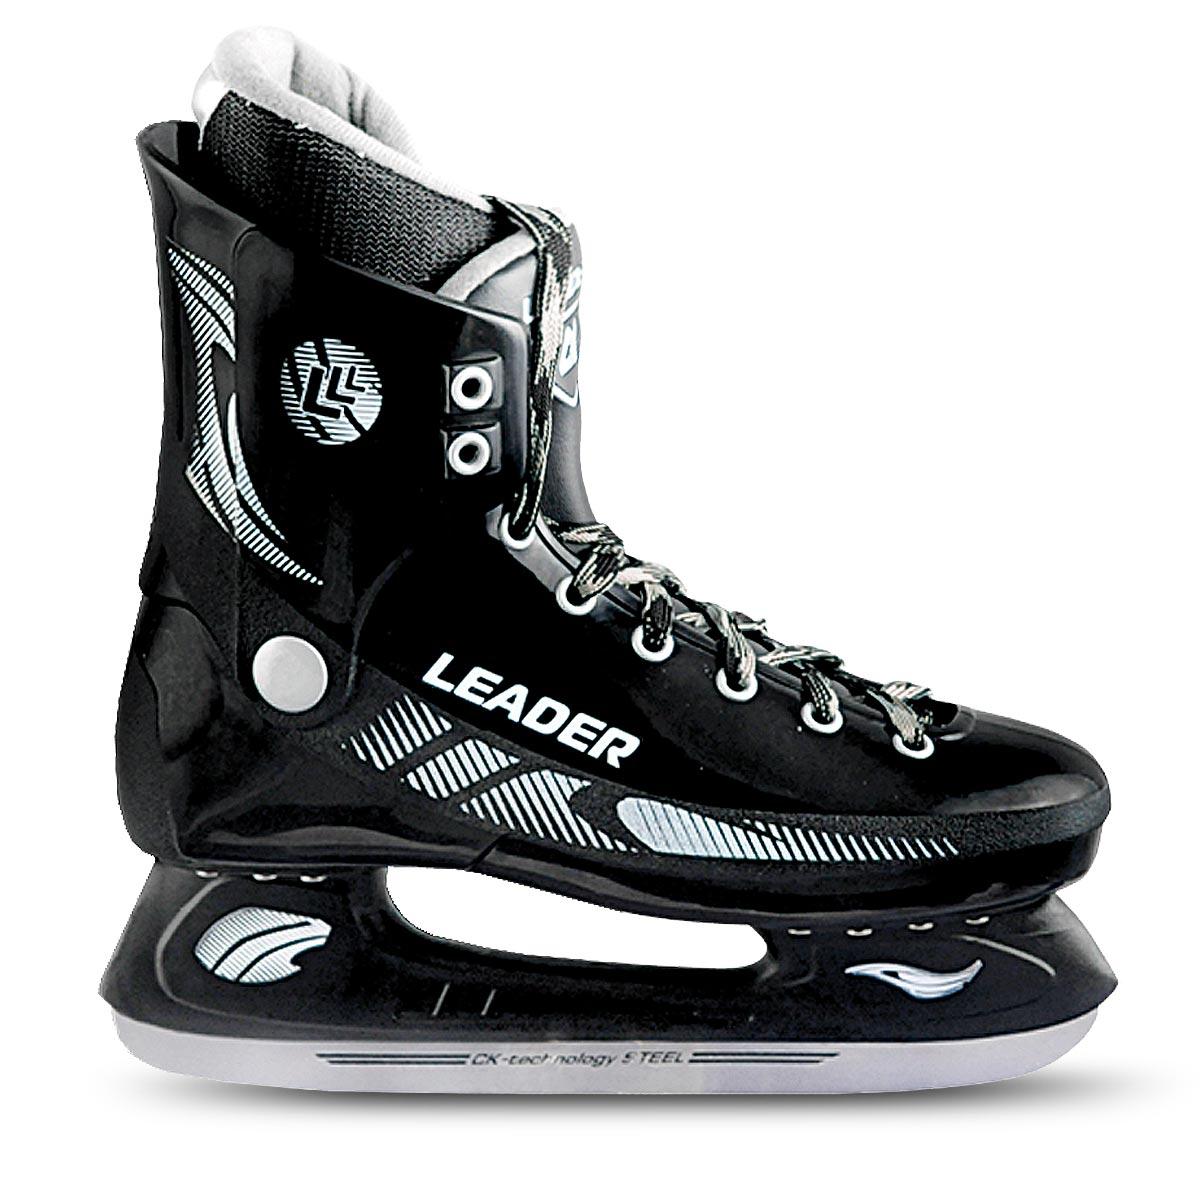 Коньки хоккейные мужские CK Leader, цвет: черный. Размер 39